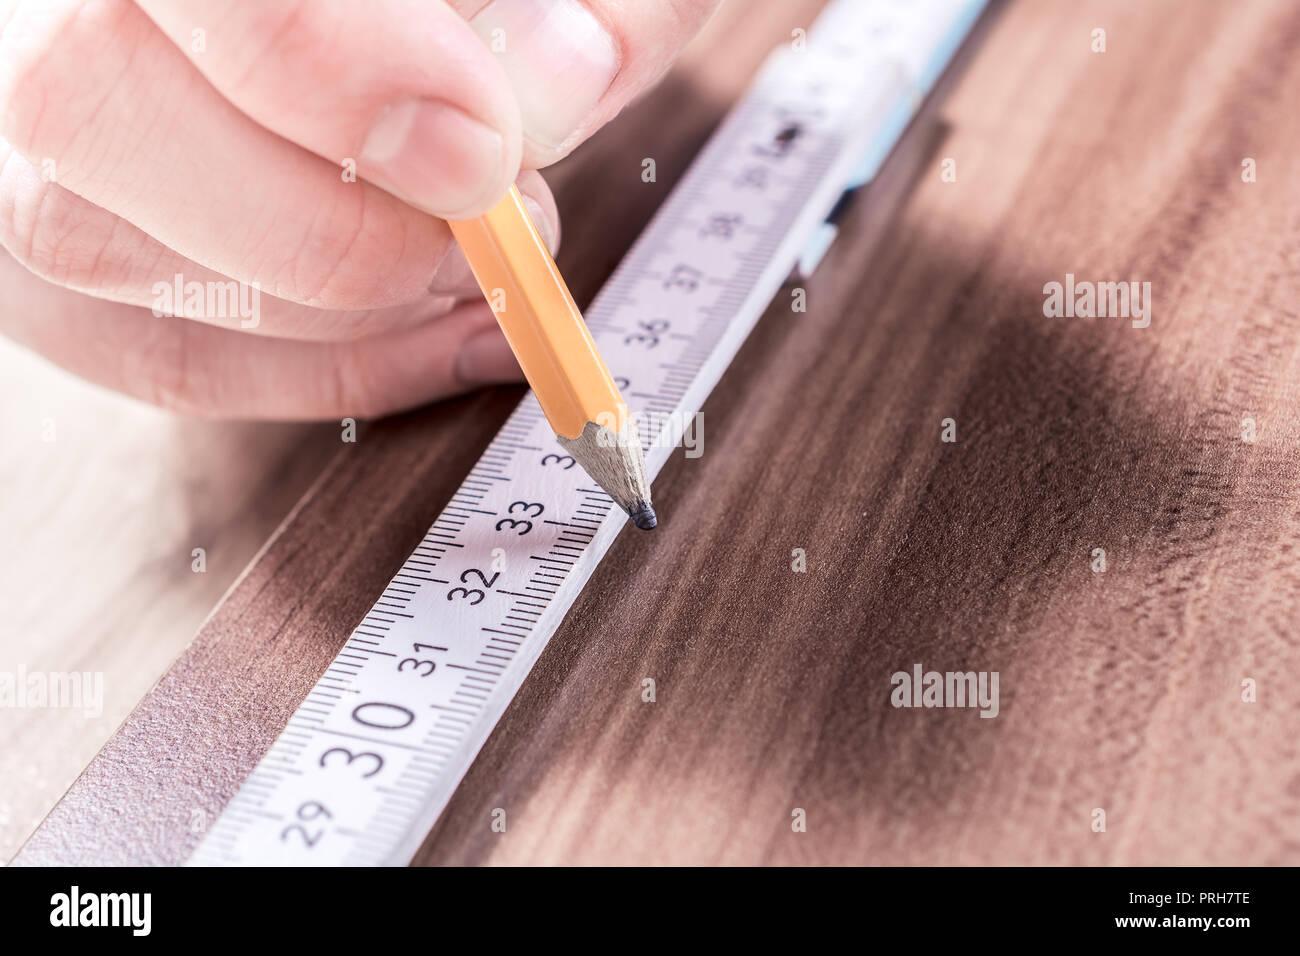 Hombre Mano haciendo una marca en el punto de medición de un patrón de plegado sobre una tabla de madera Imagen De Stock